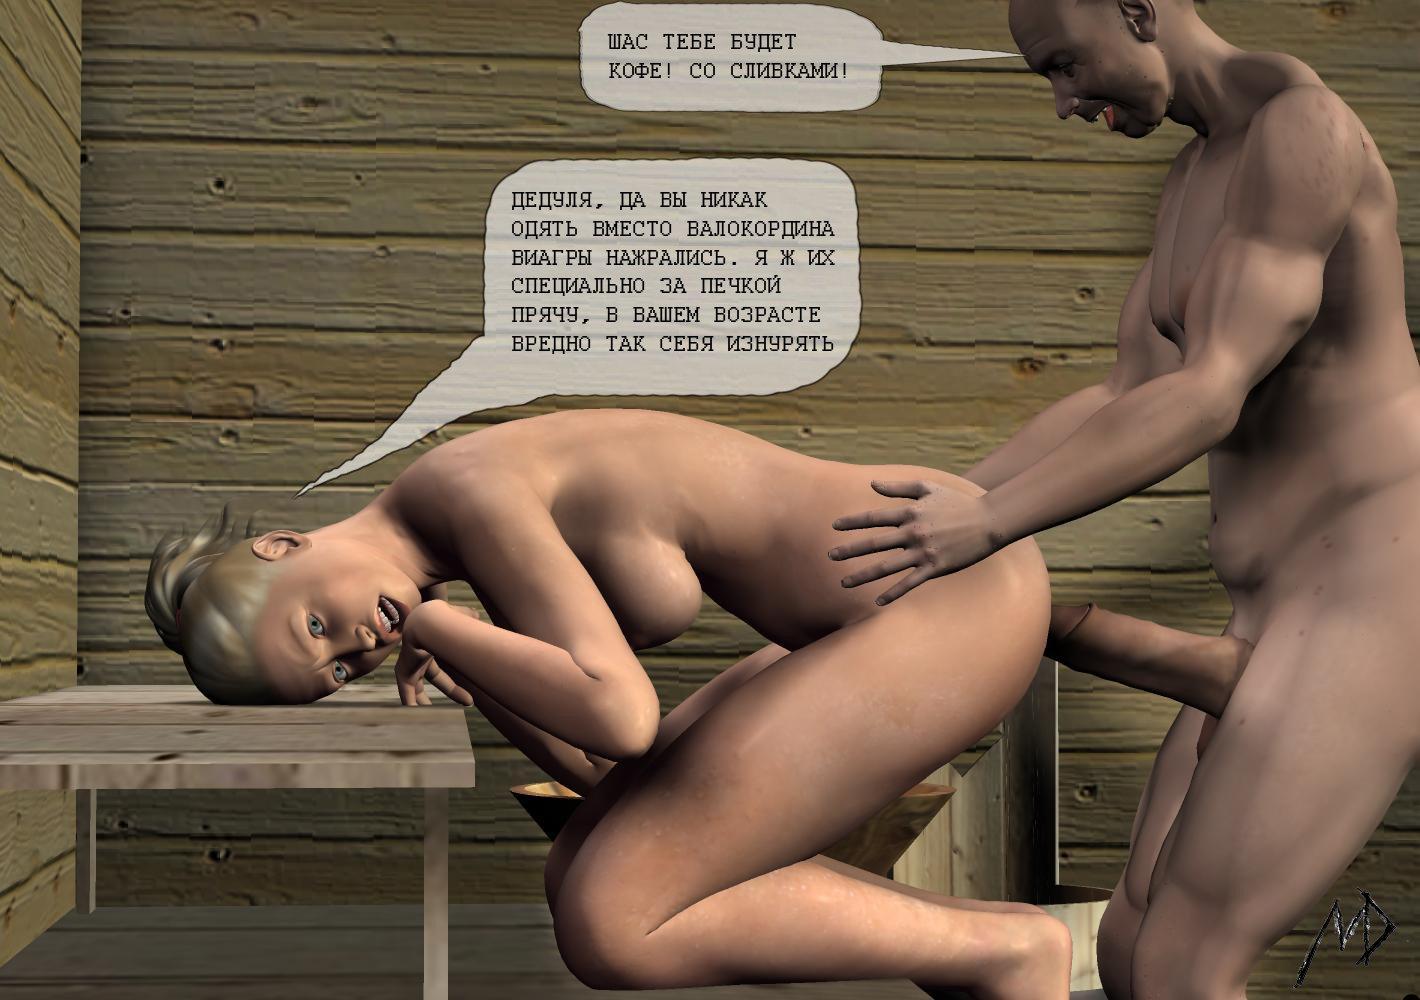 Рассказсекс супругов в бане 8 фотография